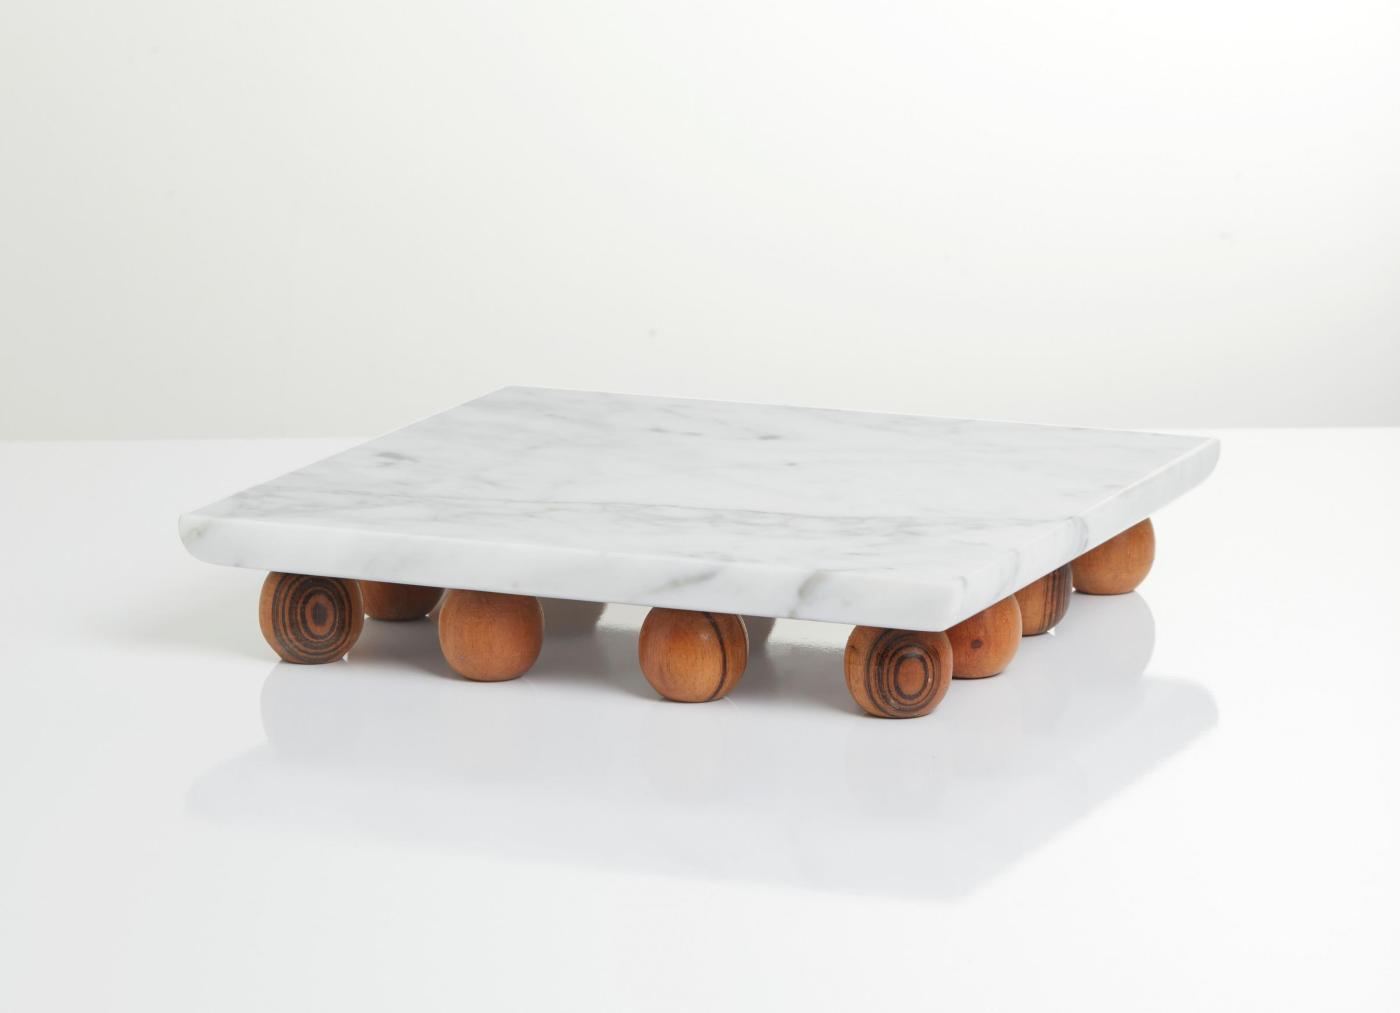 4426-bandeja-em-marmore-carrara-estudio-suka-braga-1-3200